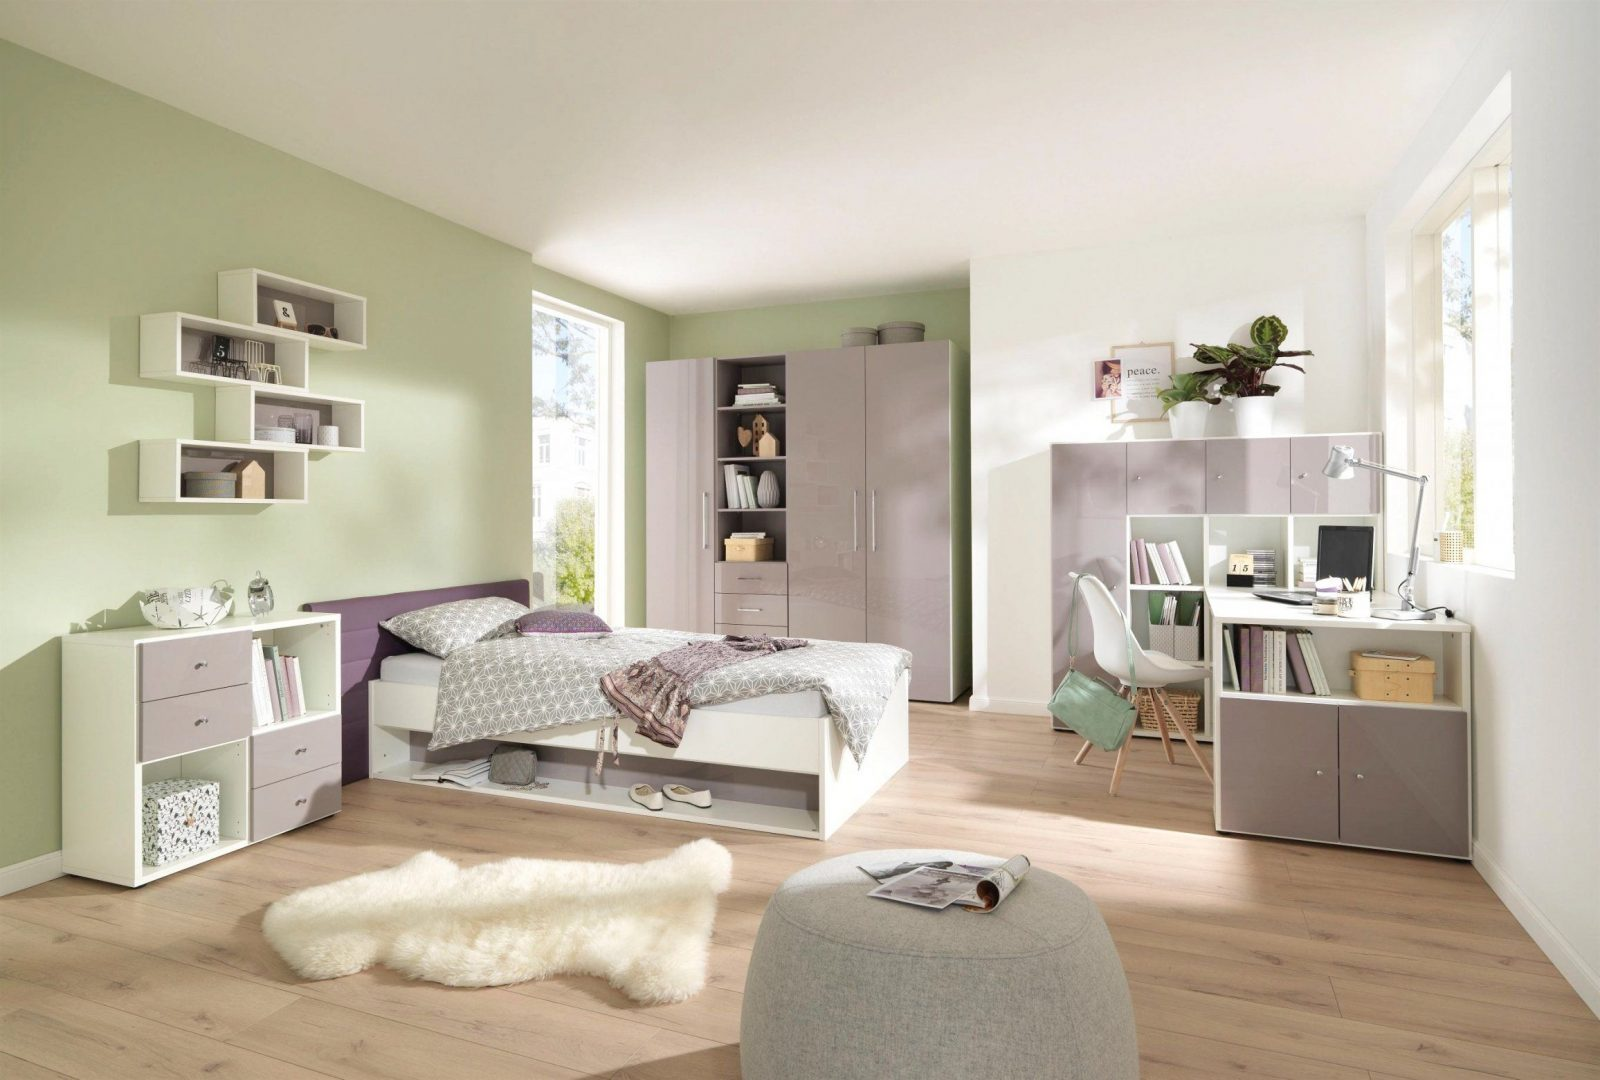 ... Jugendzimmer Für 2 Mädchen Wohndesign Coole Von Coole Jugendzimmer Für  Mädchen Bild ...